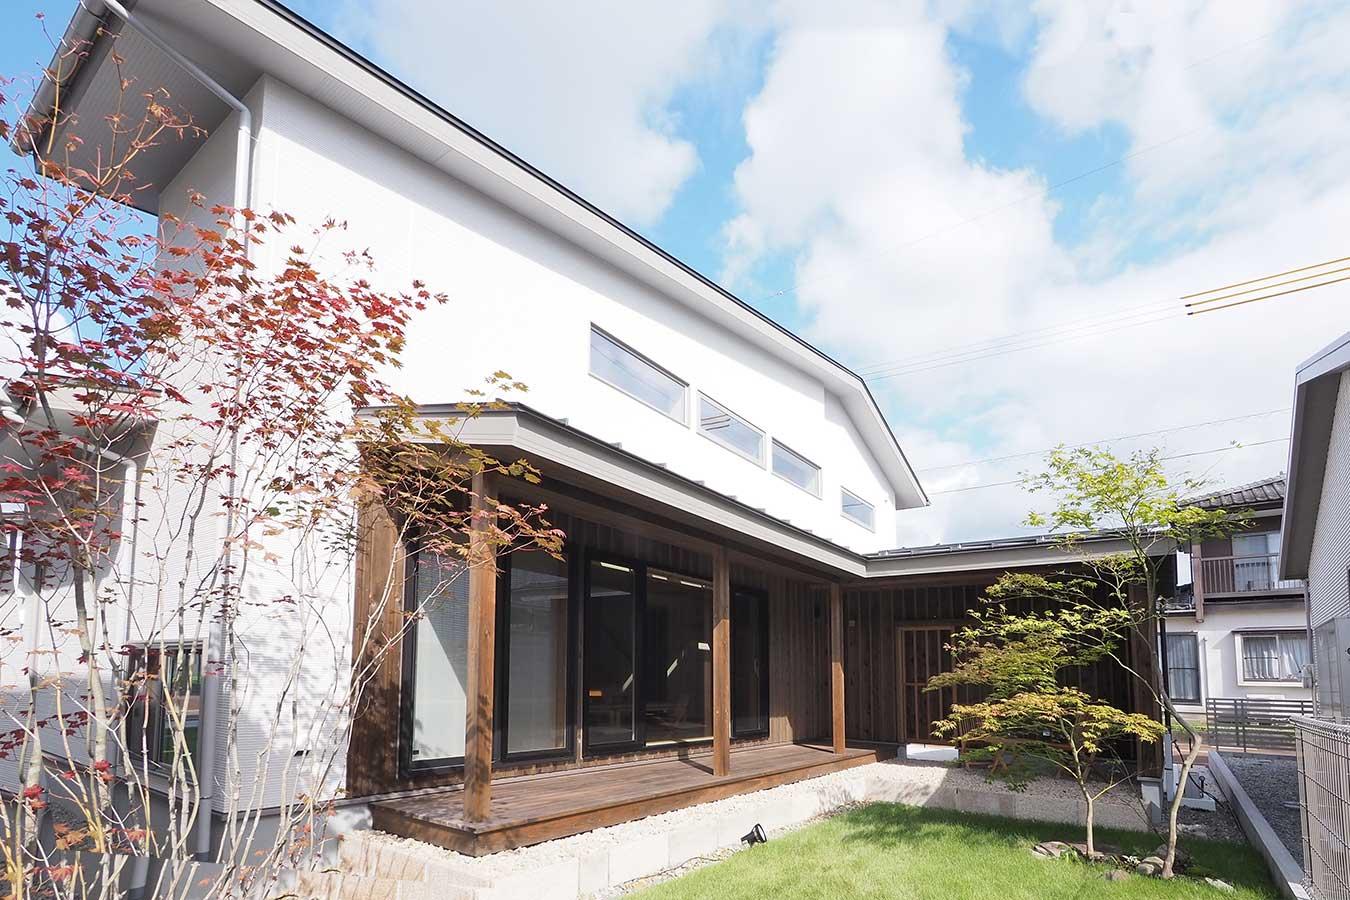 グリーンスタイルの建売住宅です。日本庭園をイメージ。東屋、縁側、そしてなつかしさ。